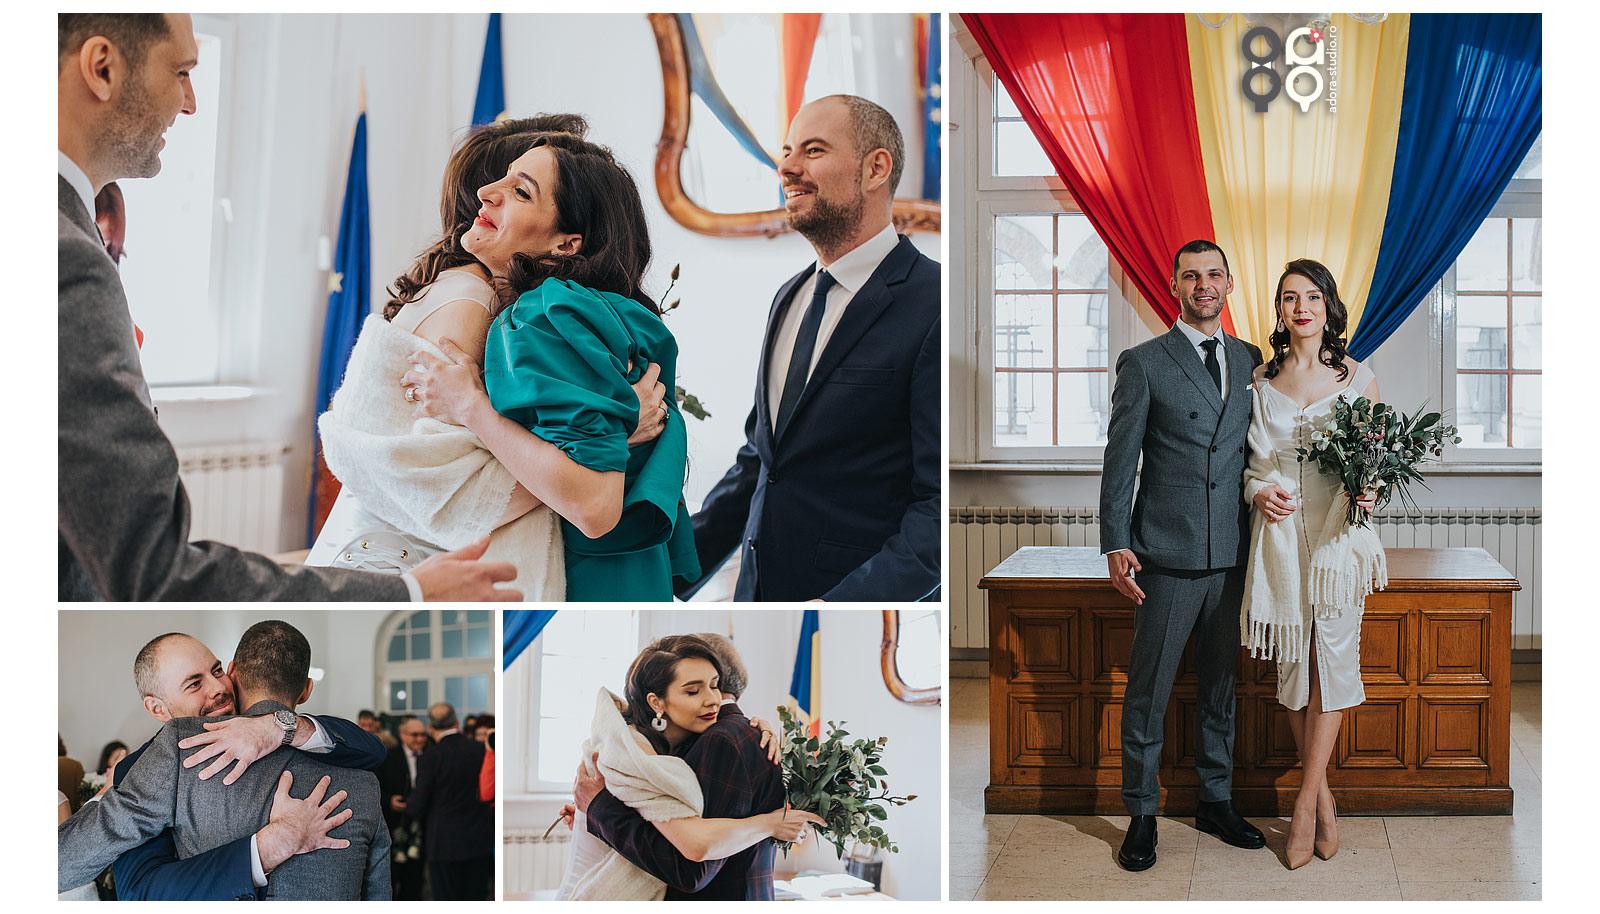 Cautand femeie daneza pentru nunta)